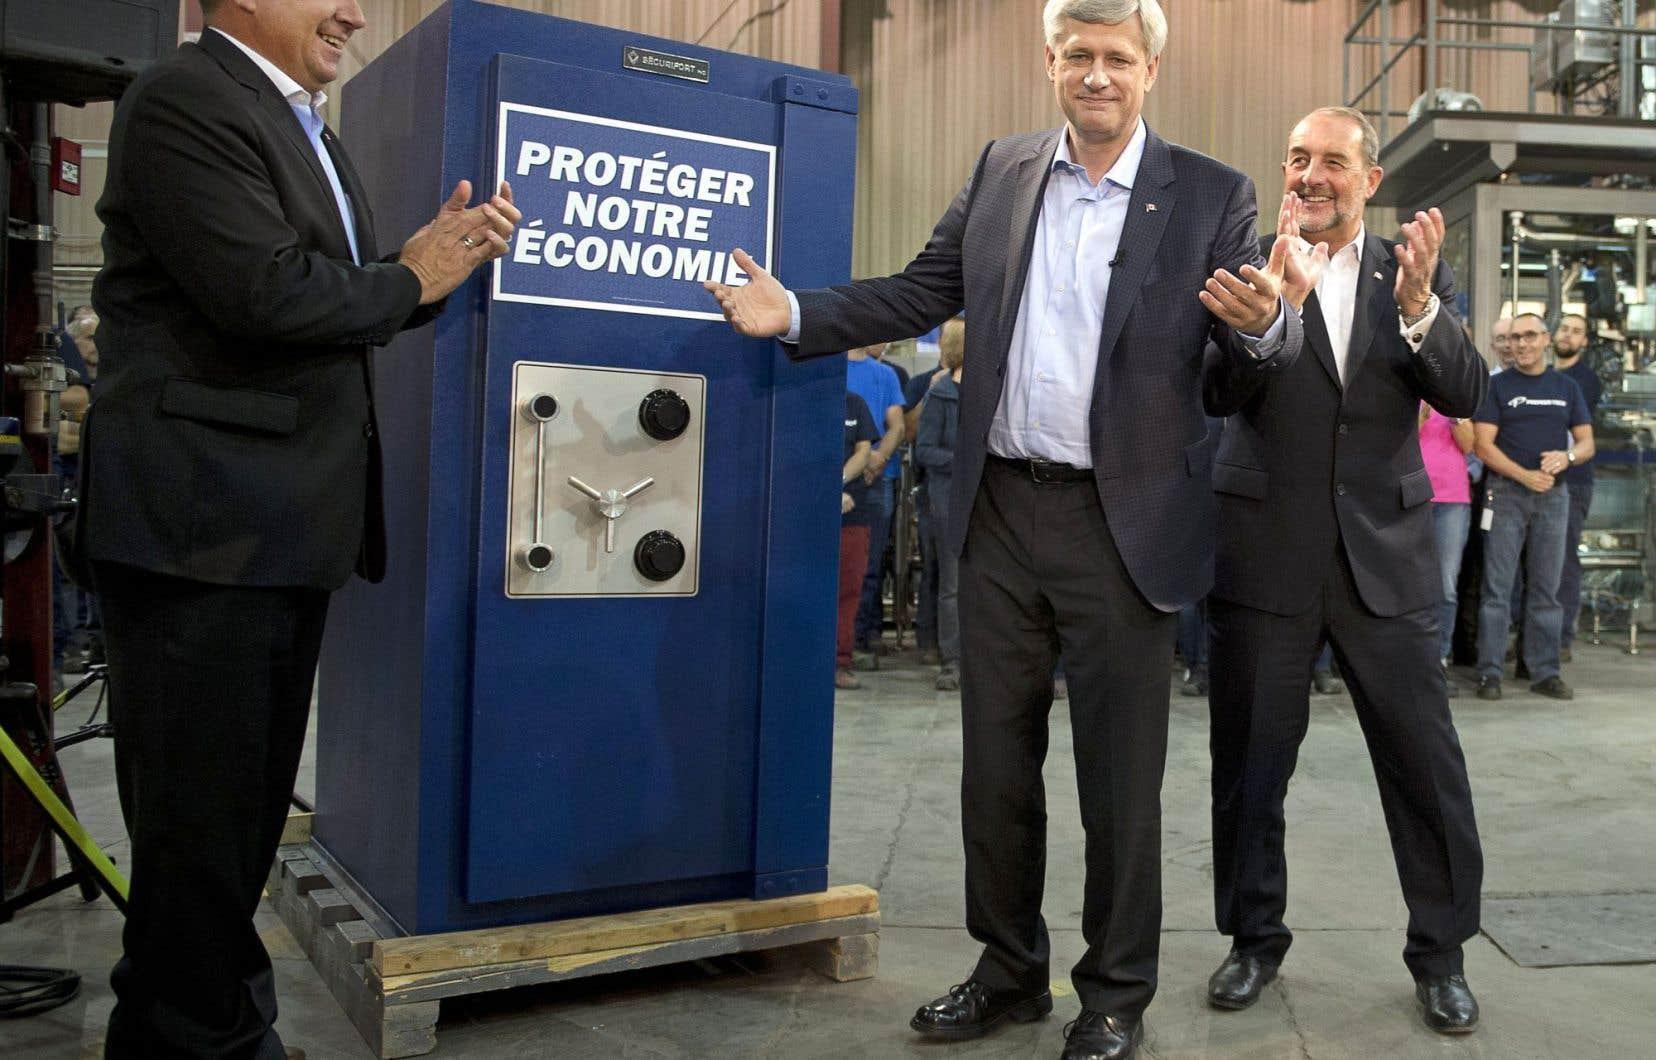 Pour illustrer sa promesse de vendredi, Stephen Harper a «verrouillé» une affiche «Hausses de taxes» dans un coffre-fort aux couleurs conservatrices lors de son passage à Rivière-du-Loup.